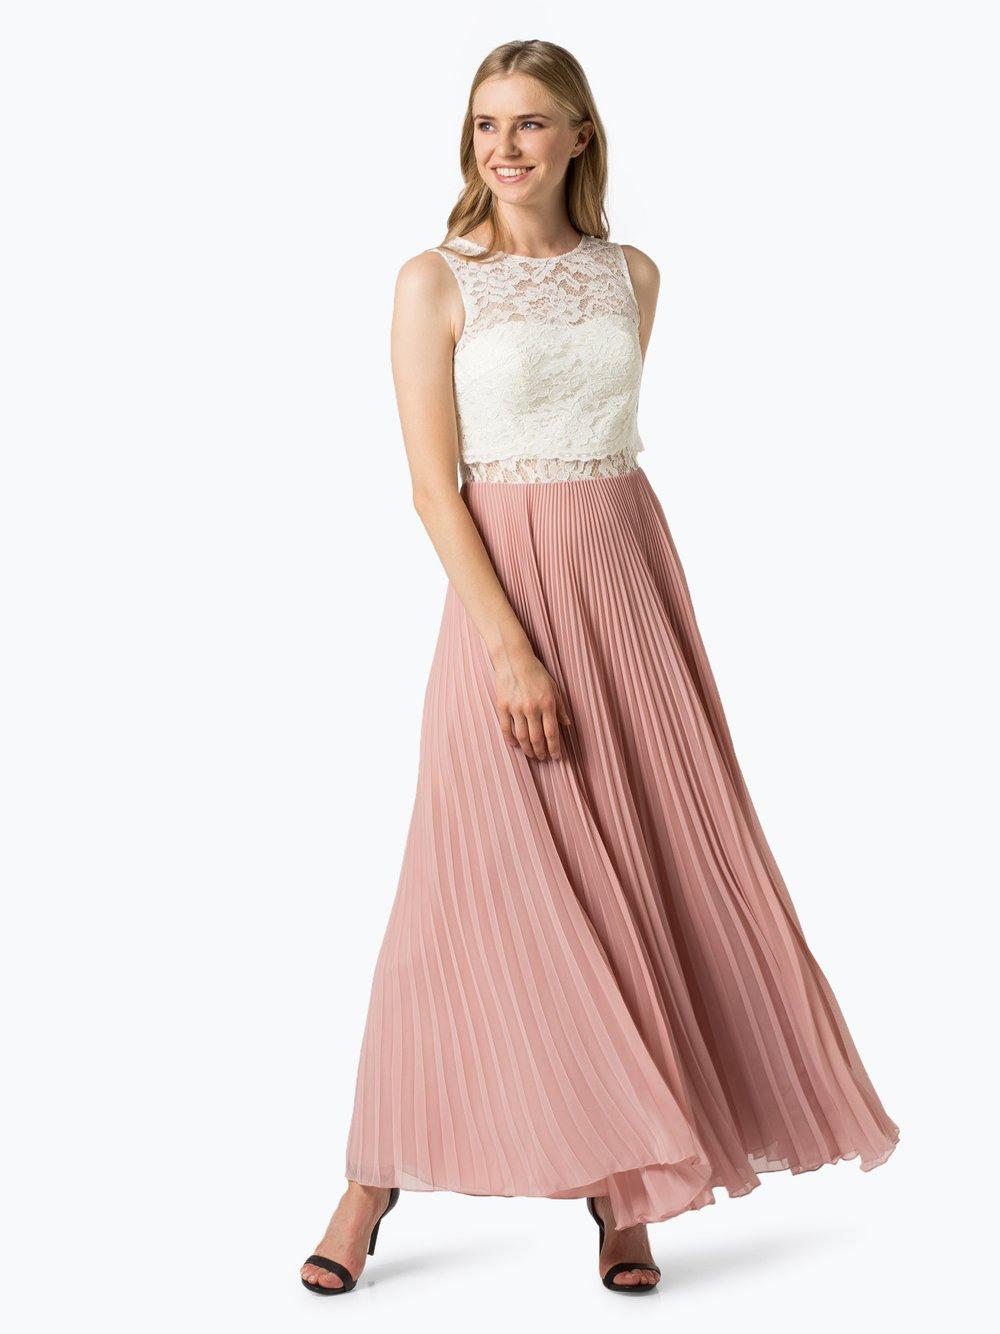 Designer Erstaunlich Abendkleid Damen VertriebAbend Top Abendkleid Damen Design